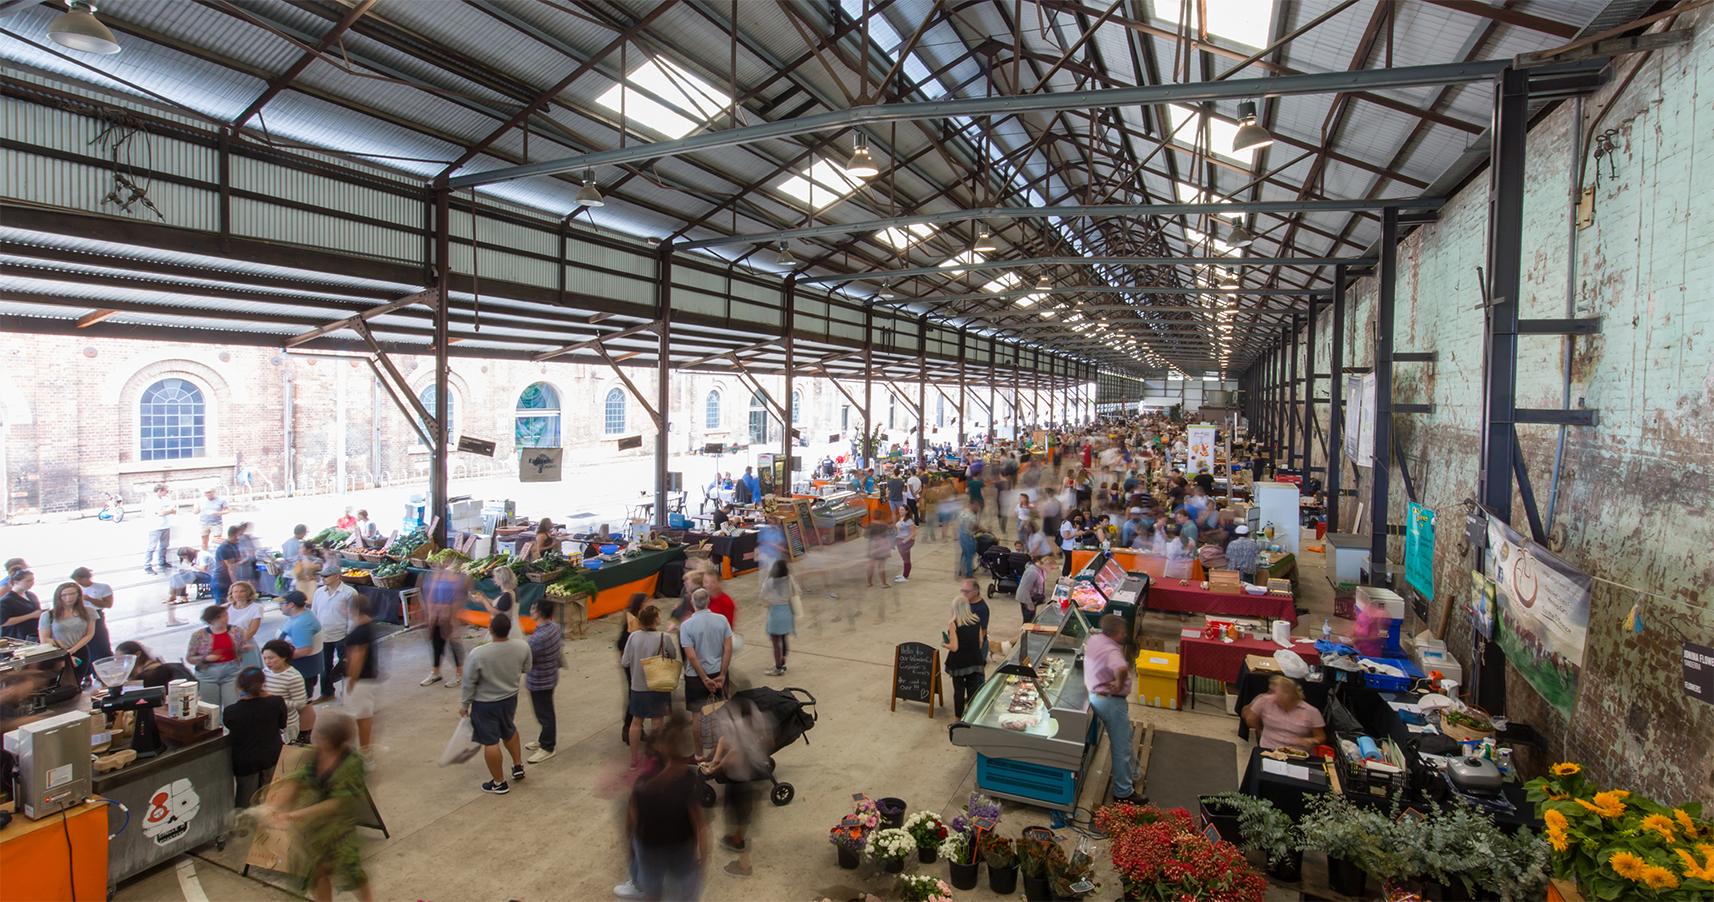 シドニーのフォトジェニックなCARRIAGEWORKS FARMERS MARKET(キャリッジワークス・ファーマーズ・マーケット) | REDFERN(レッドファーン)